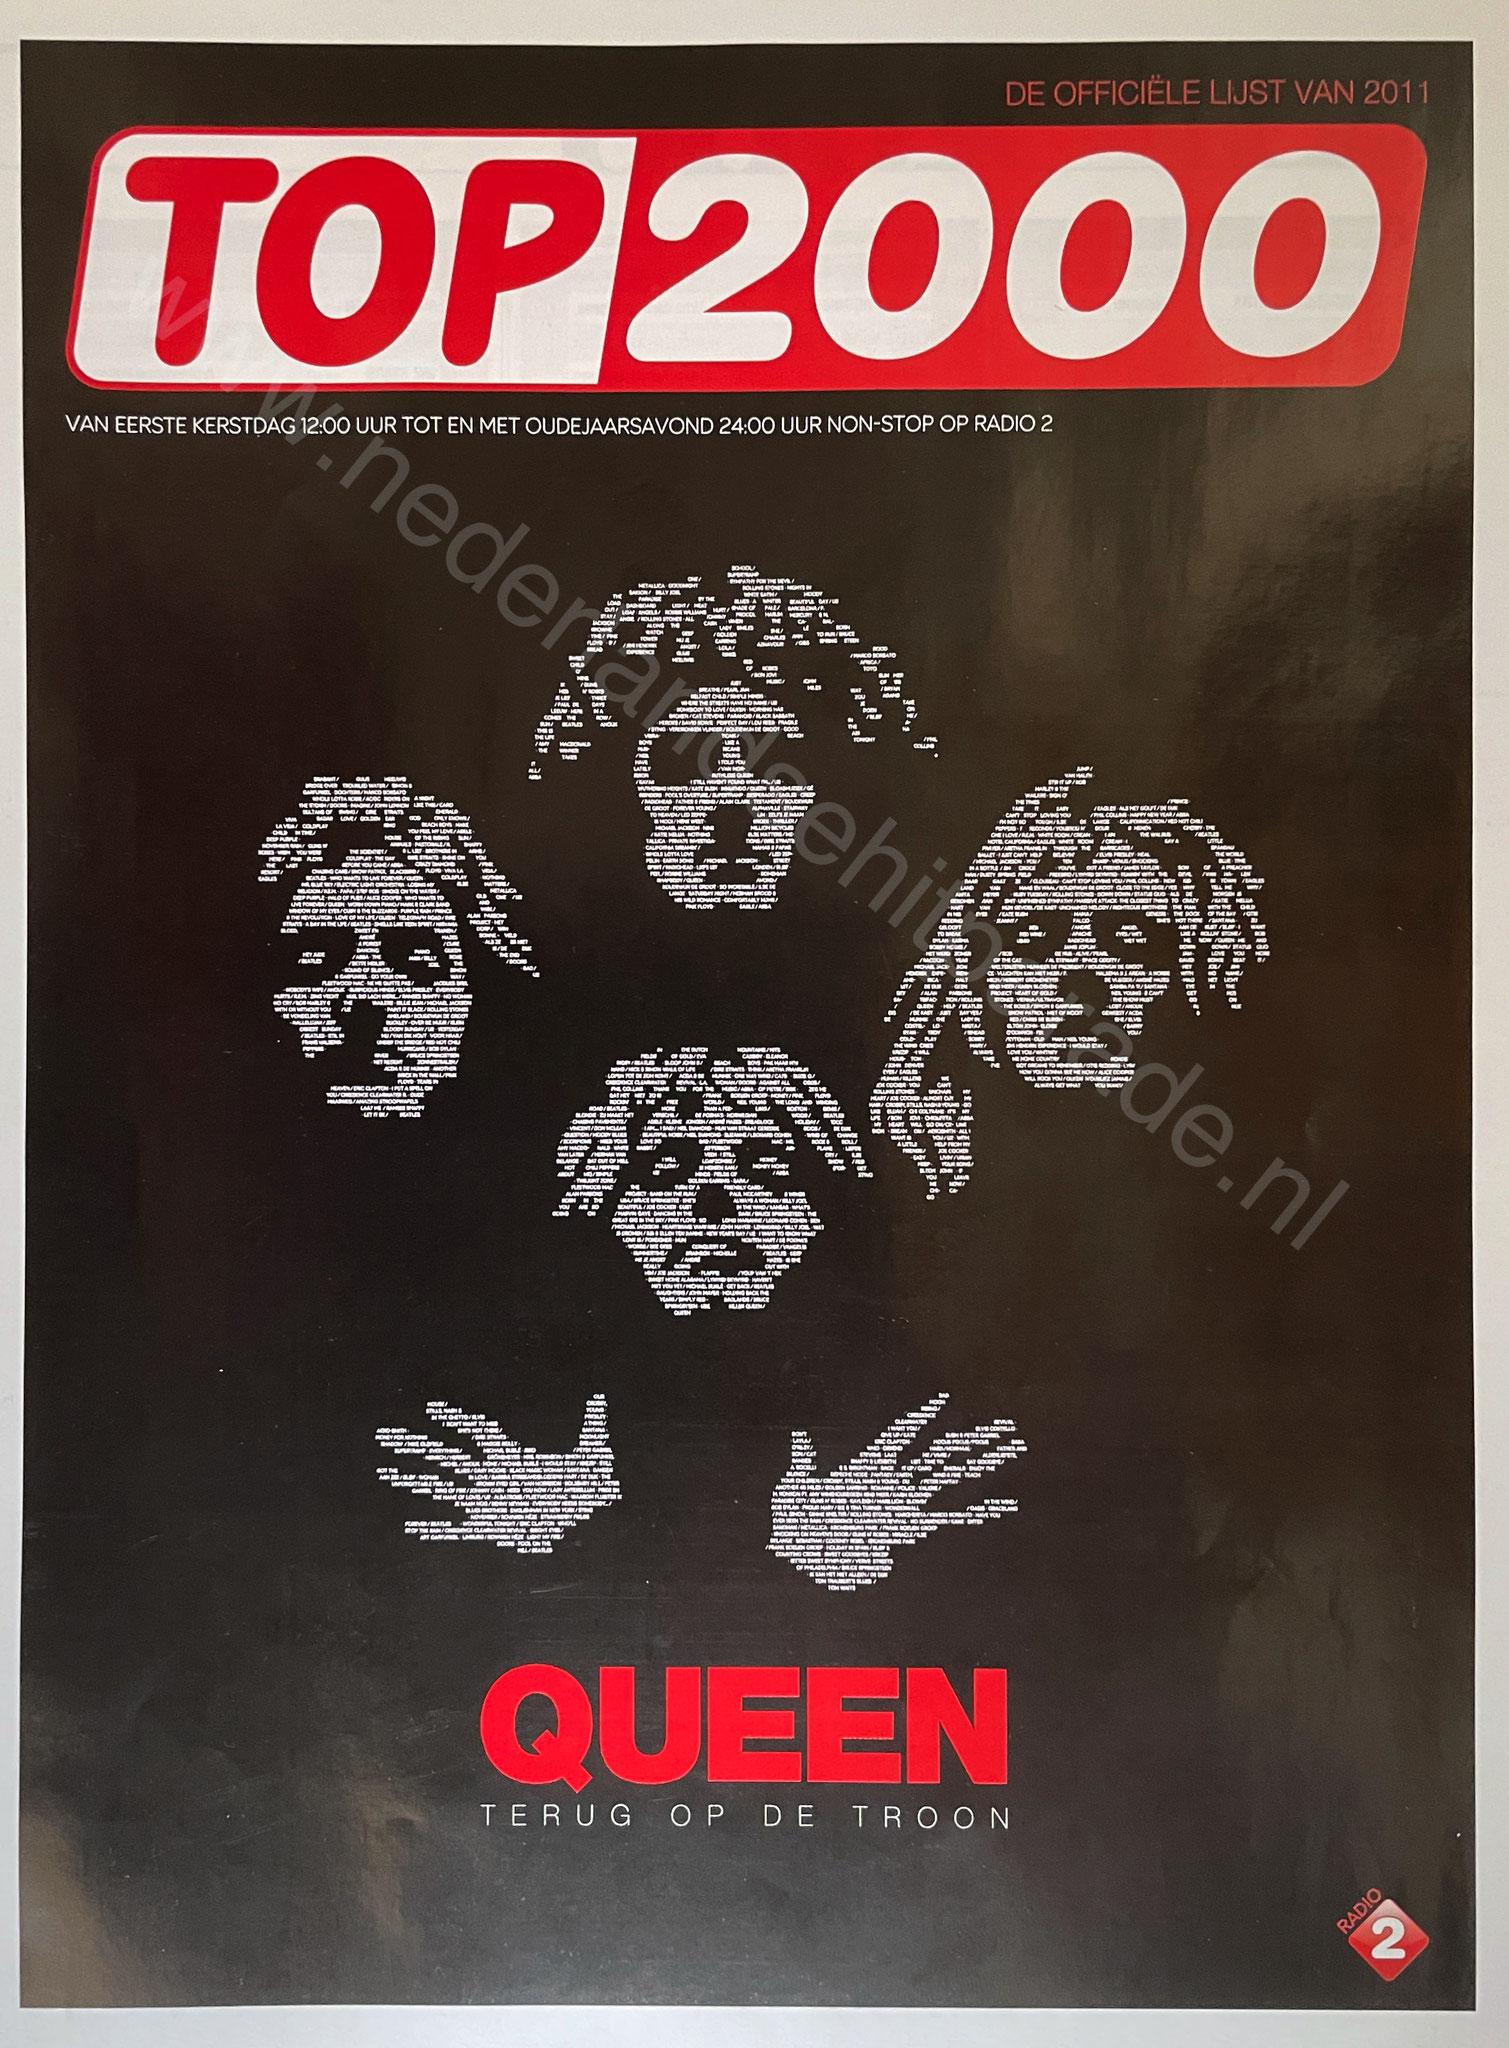 Top 2000 boekje 2011